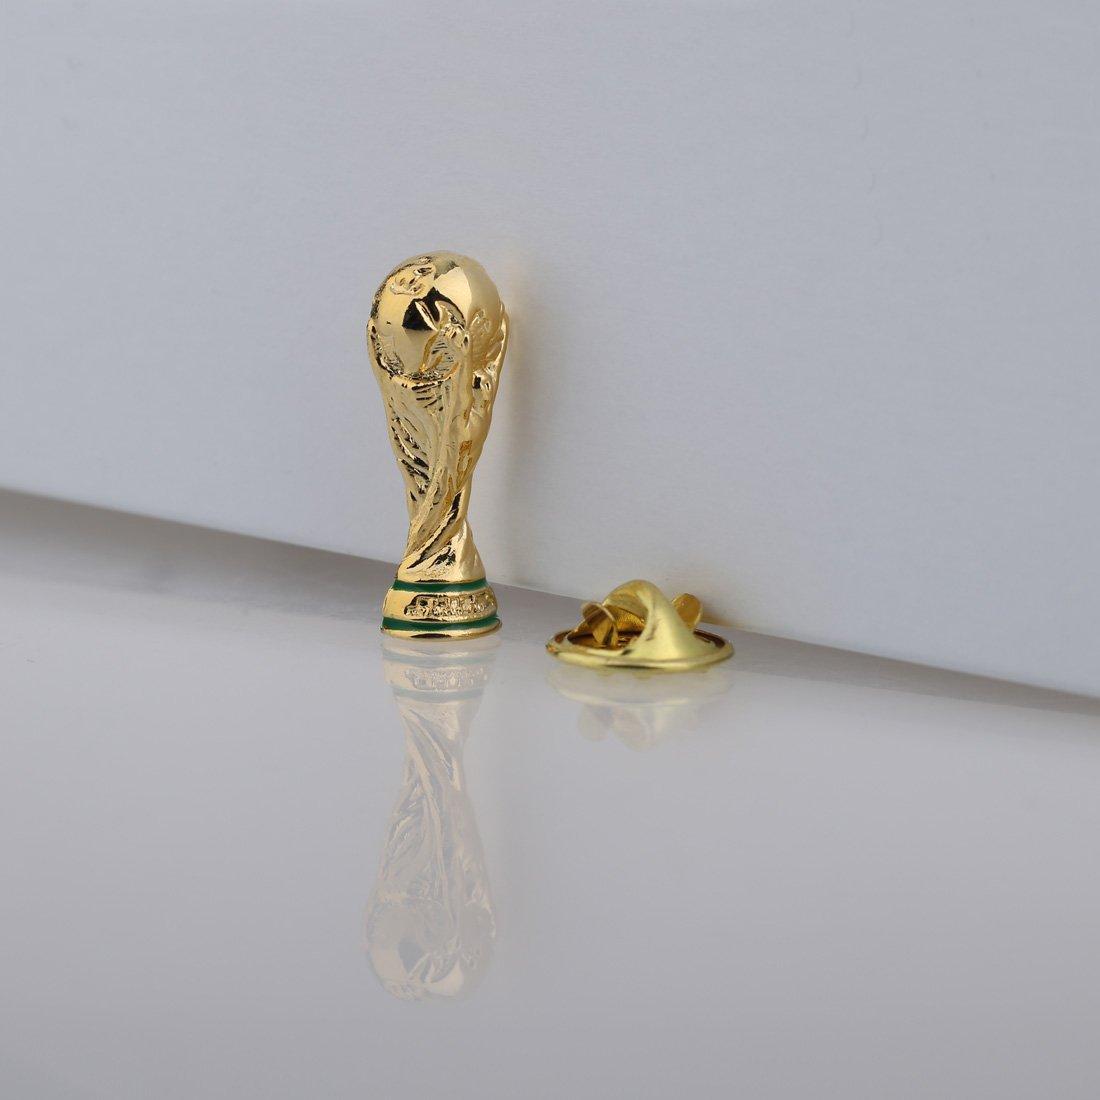 FIFA官方授权产品 2014巴西世界杯金杯系列徽章  ¥9